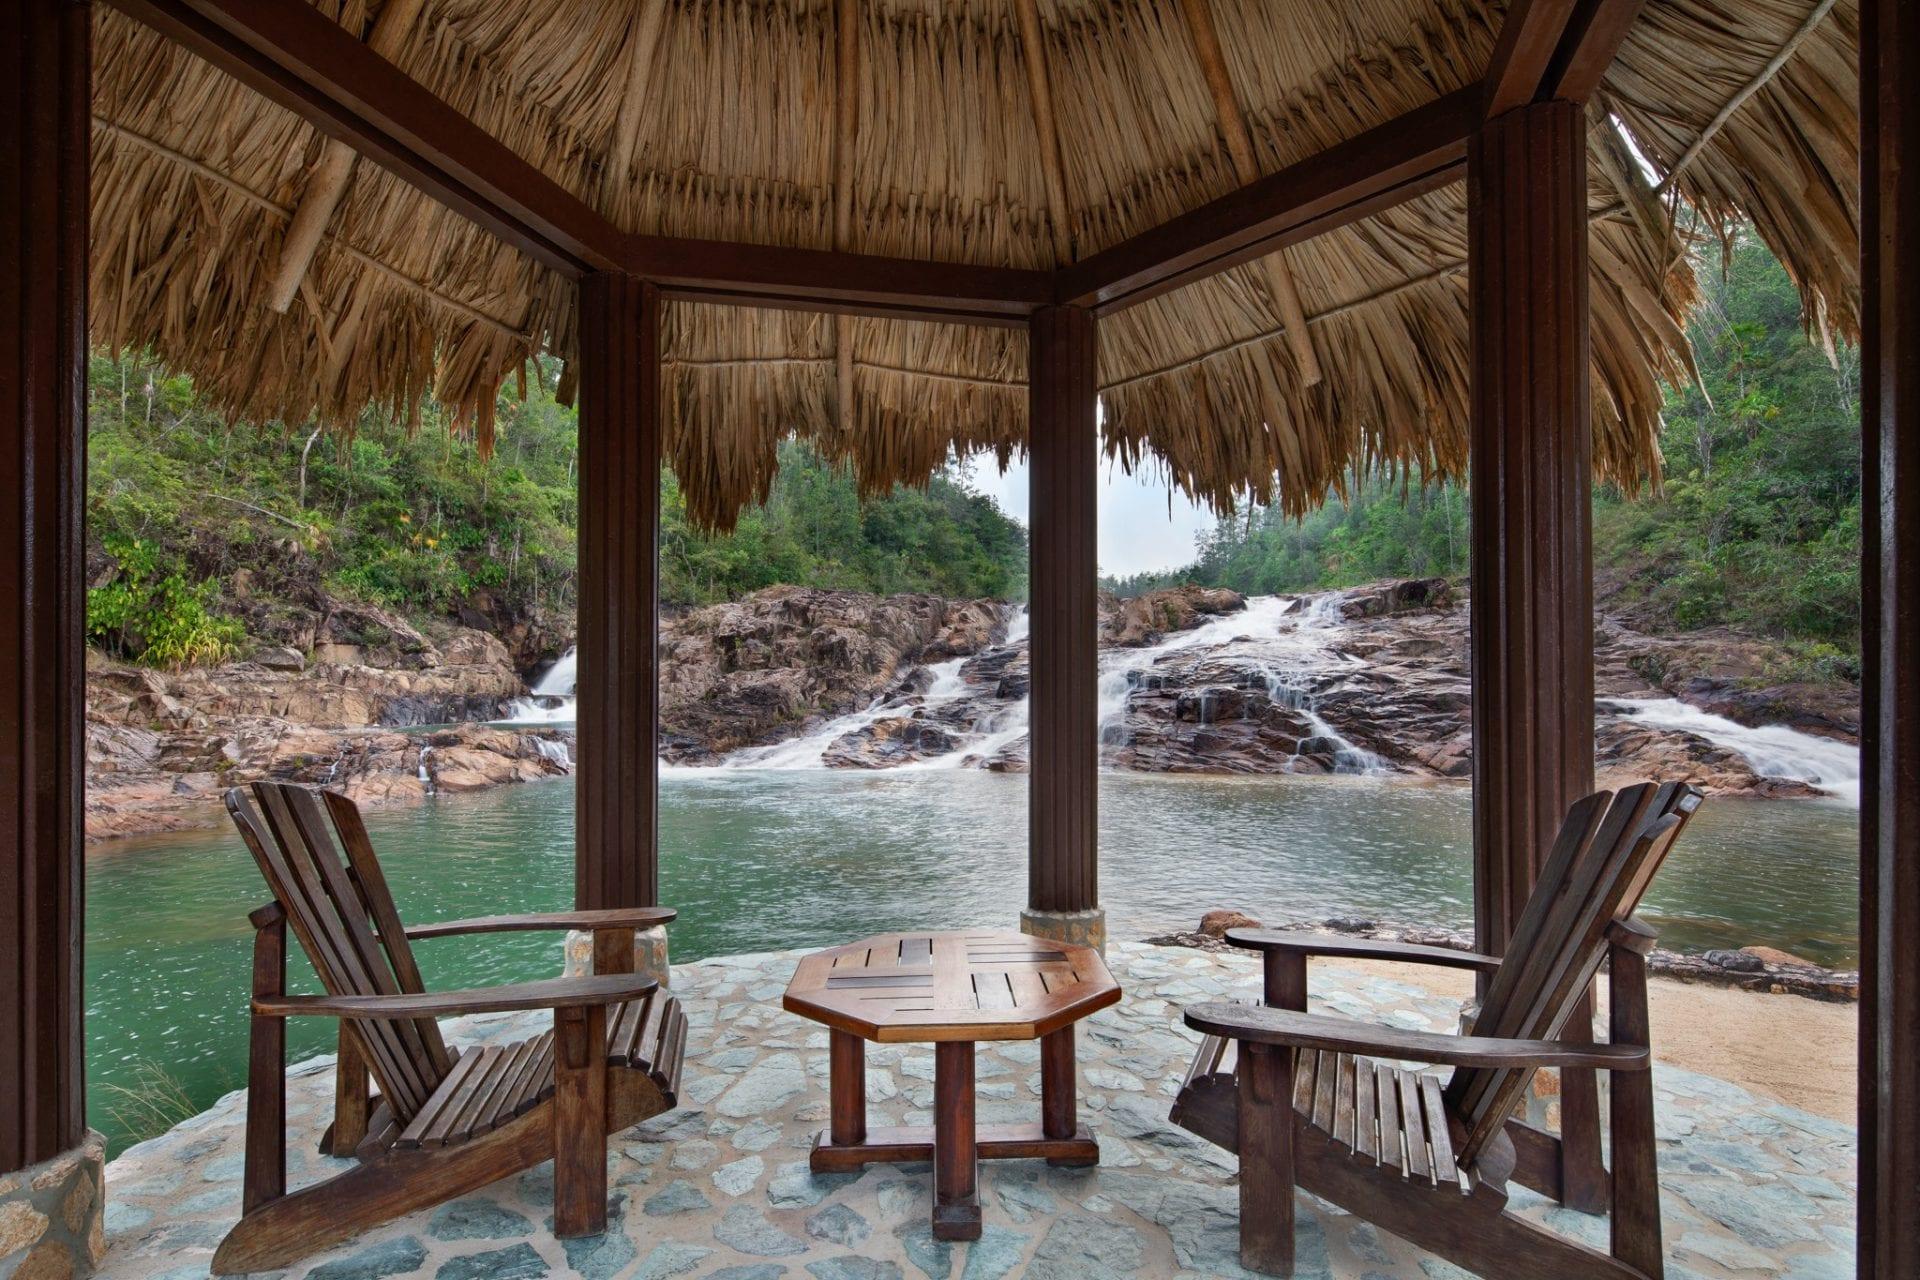 GAIA Riverlodge ecotourism destination belize